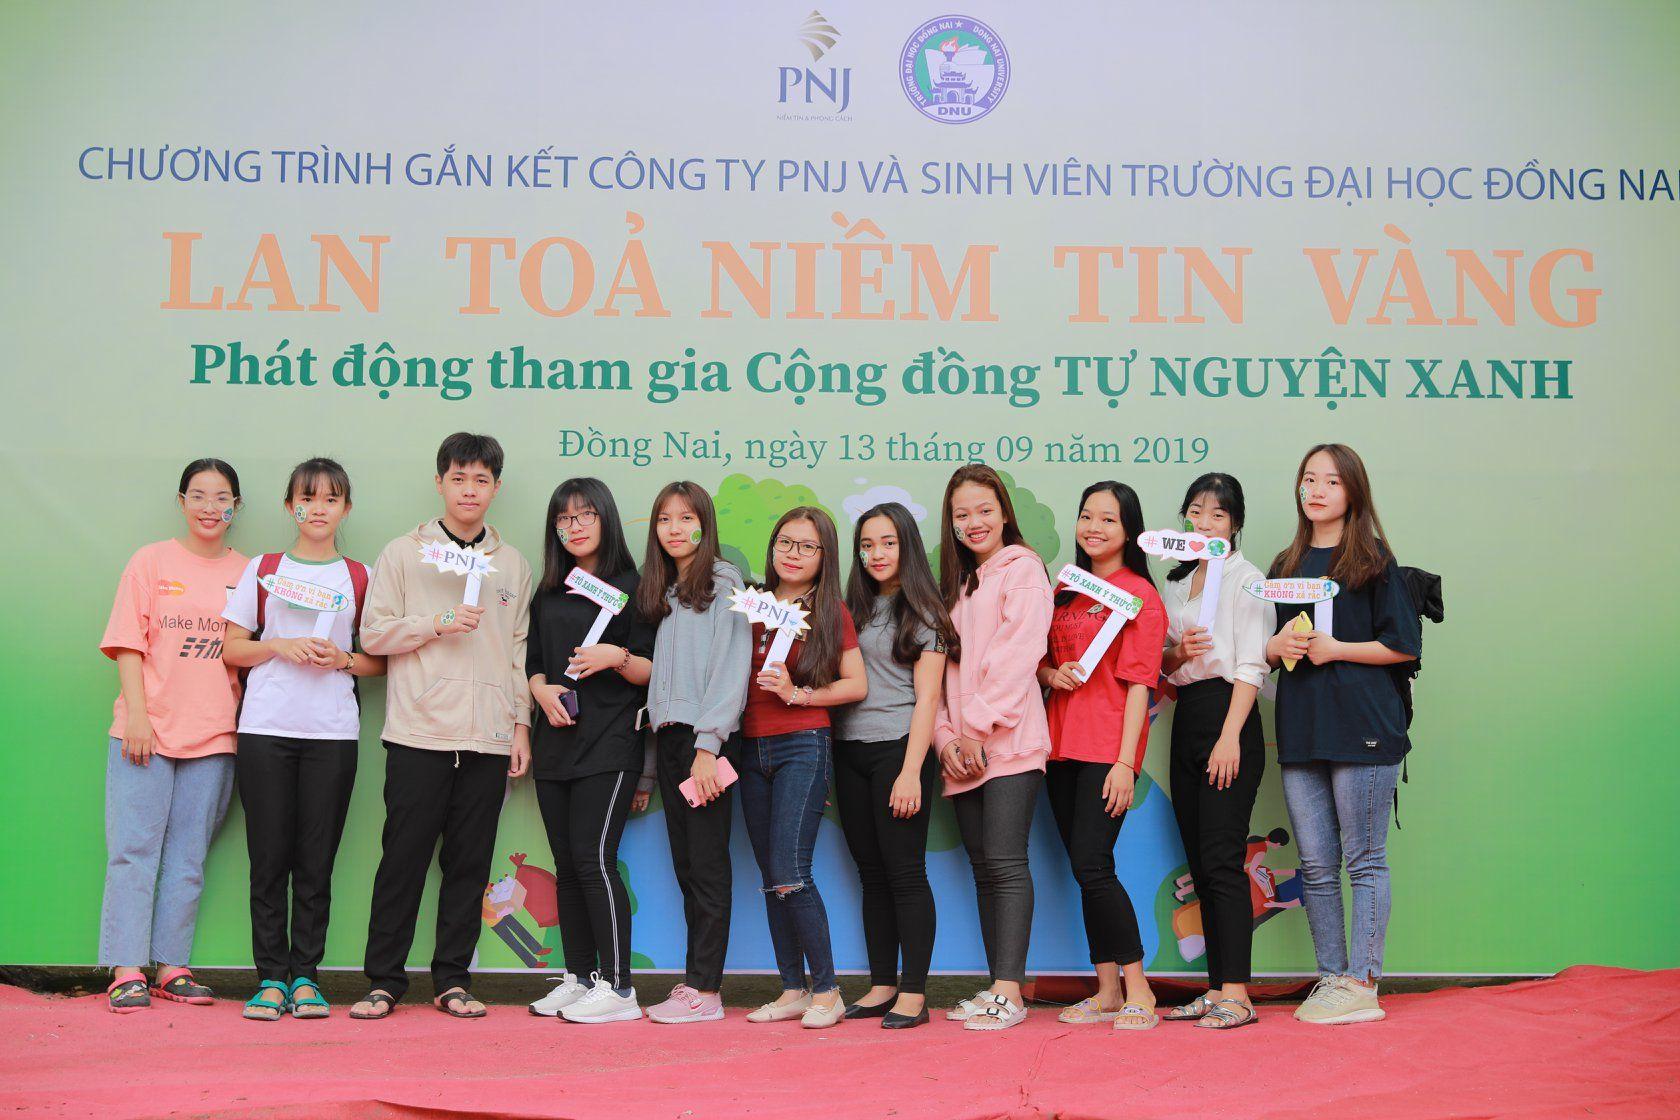 """Đại Học Đồng Nai – Sẵn Sàng Chung Sức """"Tự Nguyện Xanh"""" Cùng PNJ"""